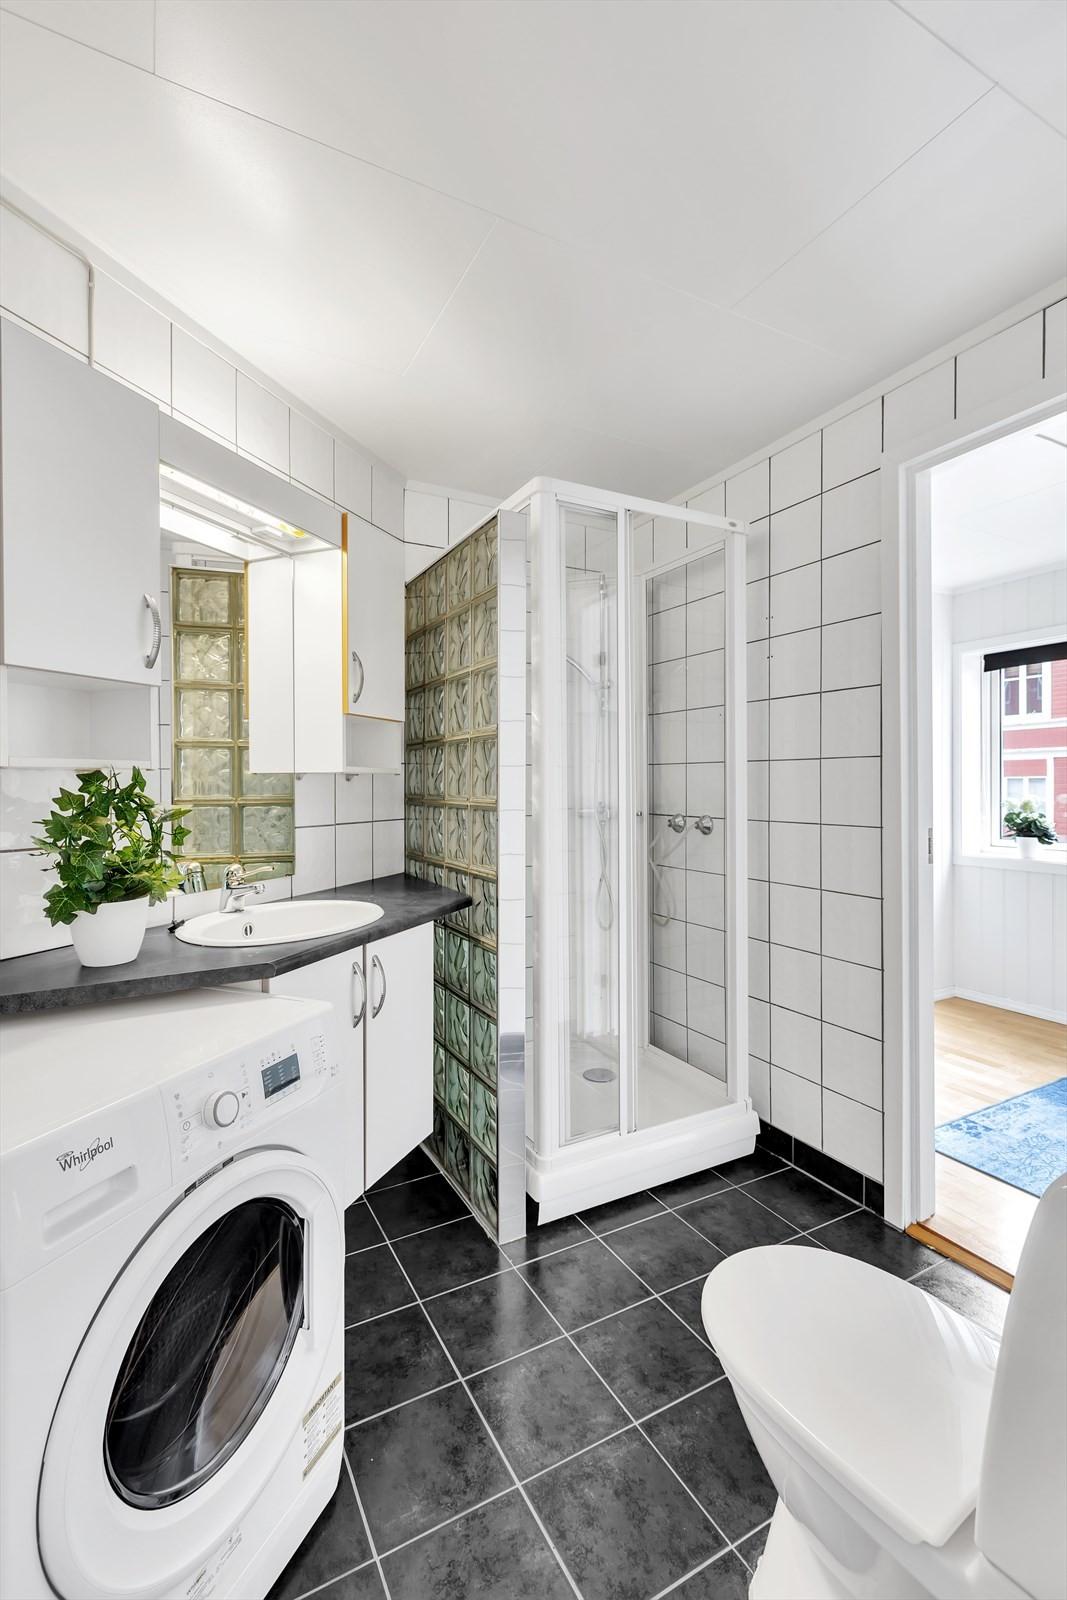 Flislagt bad med duskabinett, opplegg til vaskemaskin, wc og servant.